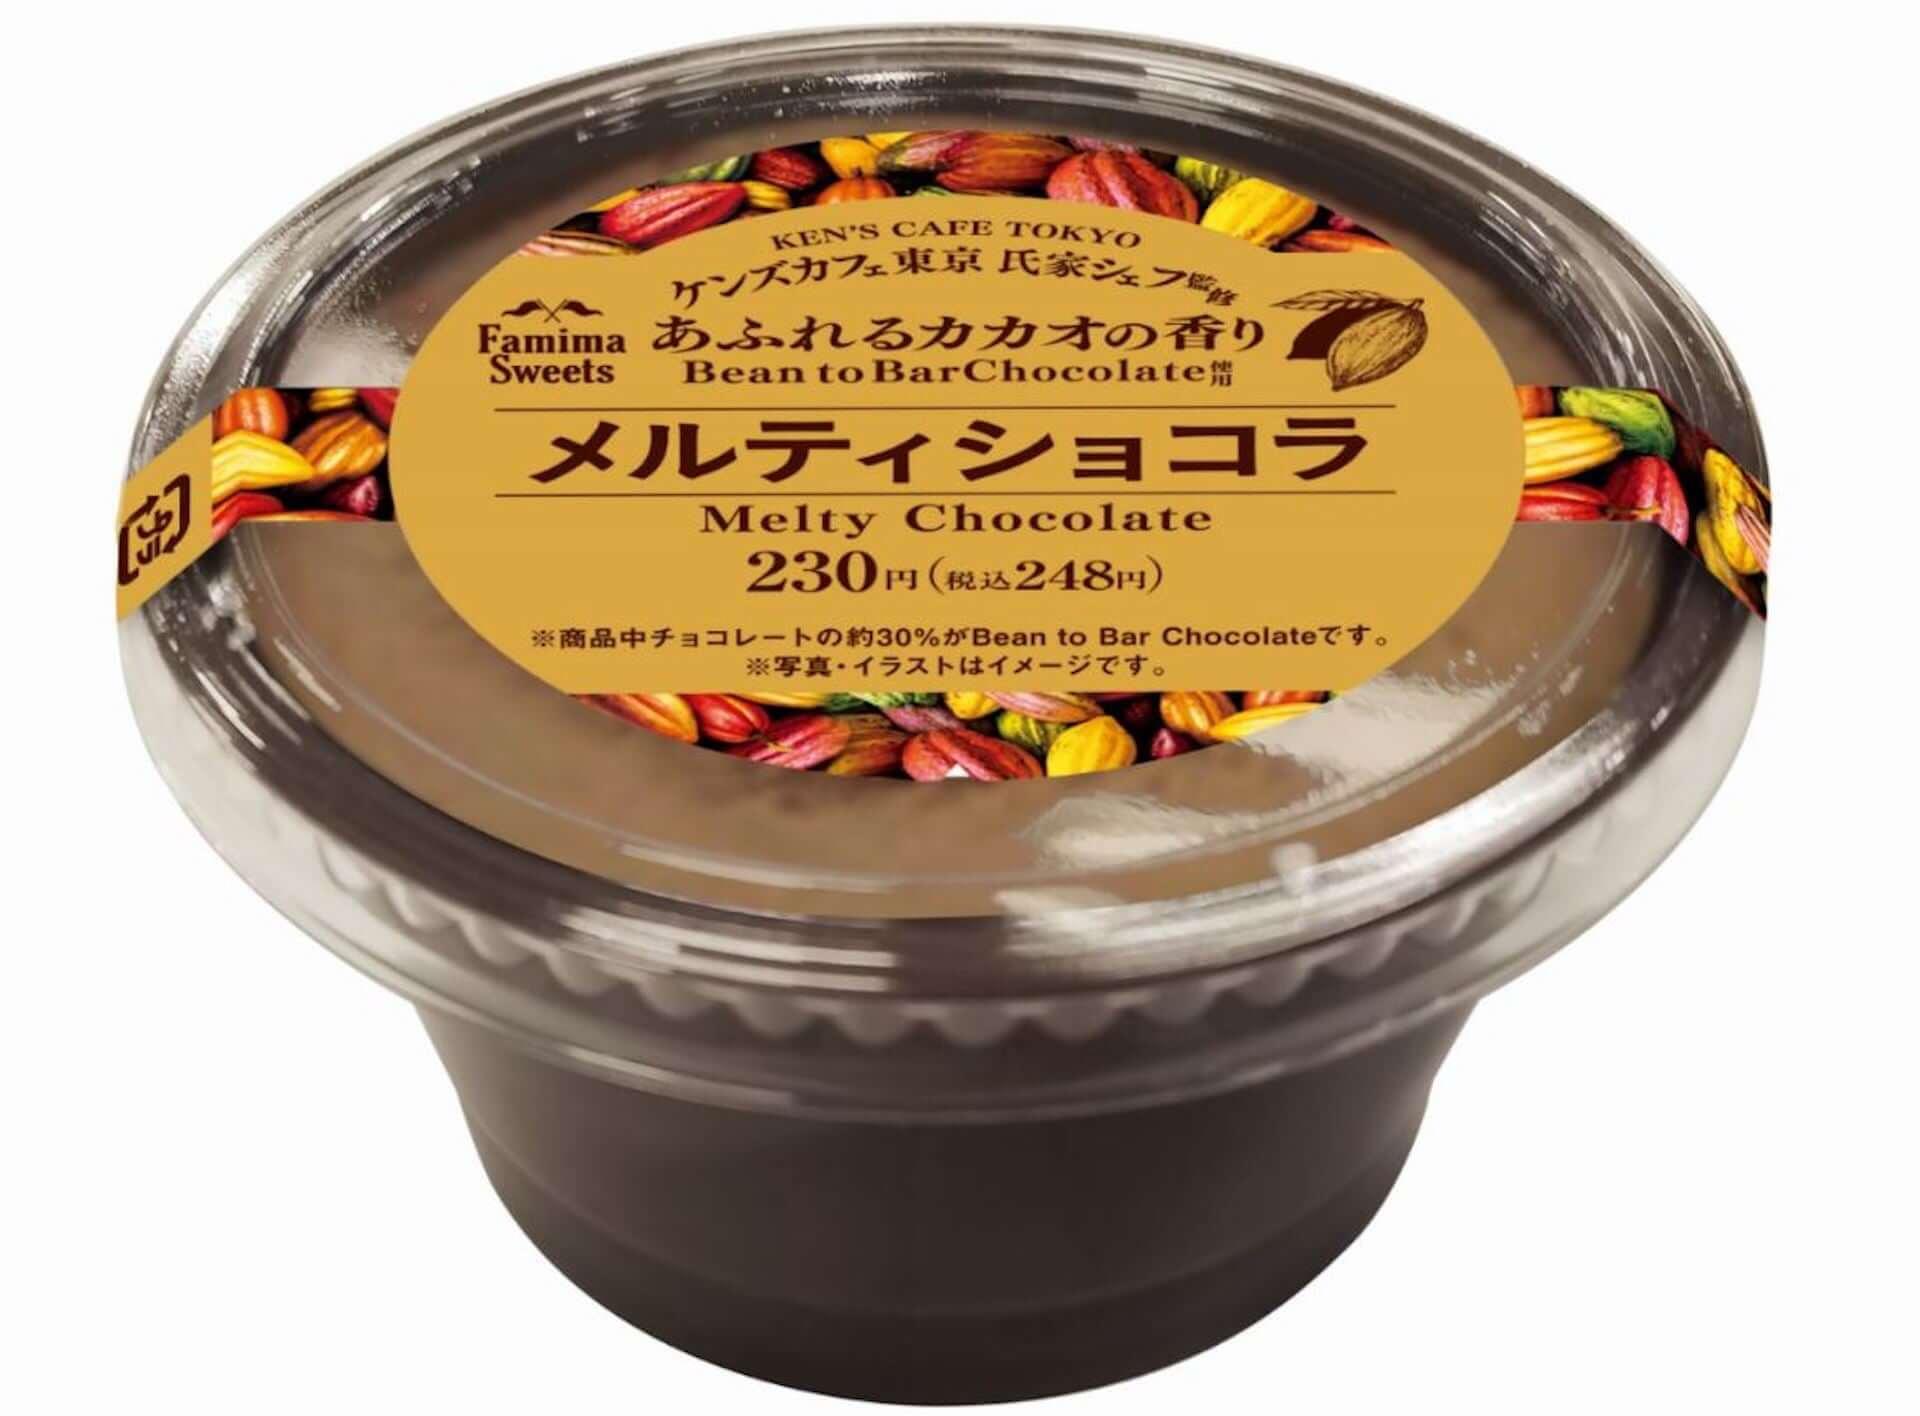 ファミリーマートがオリジナルのBean to Barチョコレートを開発!ケンズカフェ東京のシェフが監修した『ガトーショコラ』など新商品5種類が発売決定 gourmet201012_famima_8-1920x1416